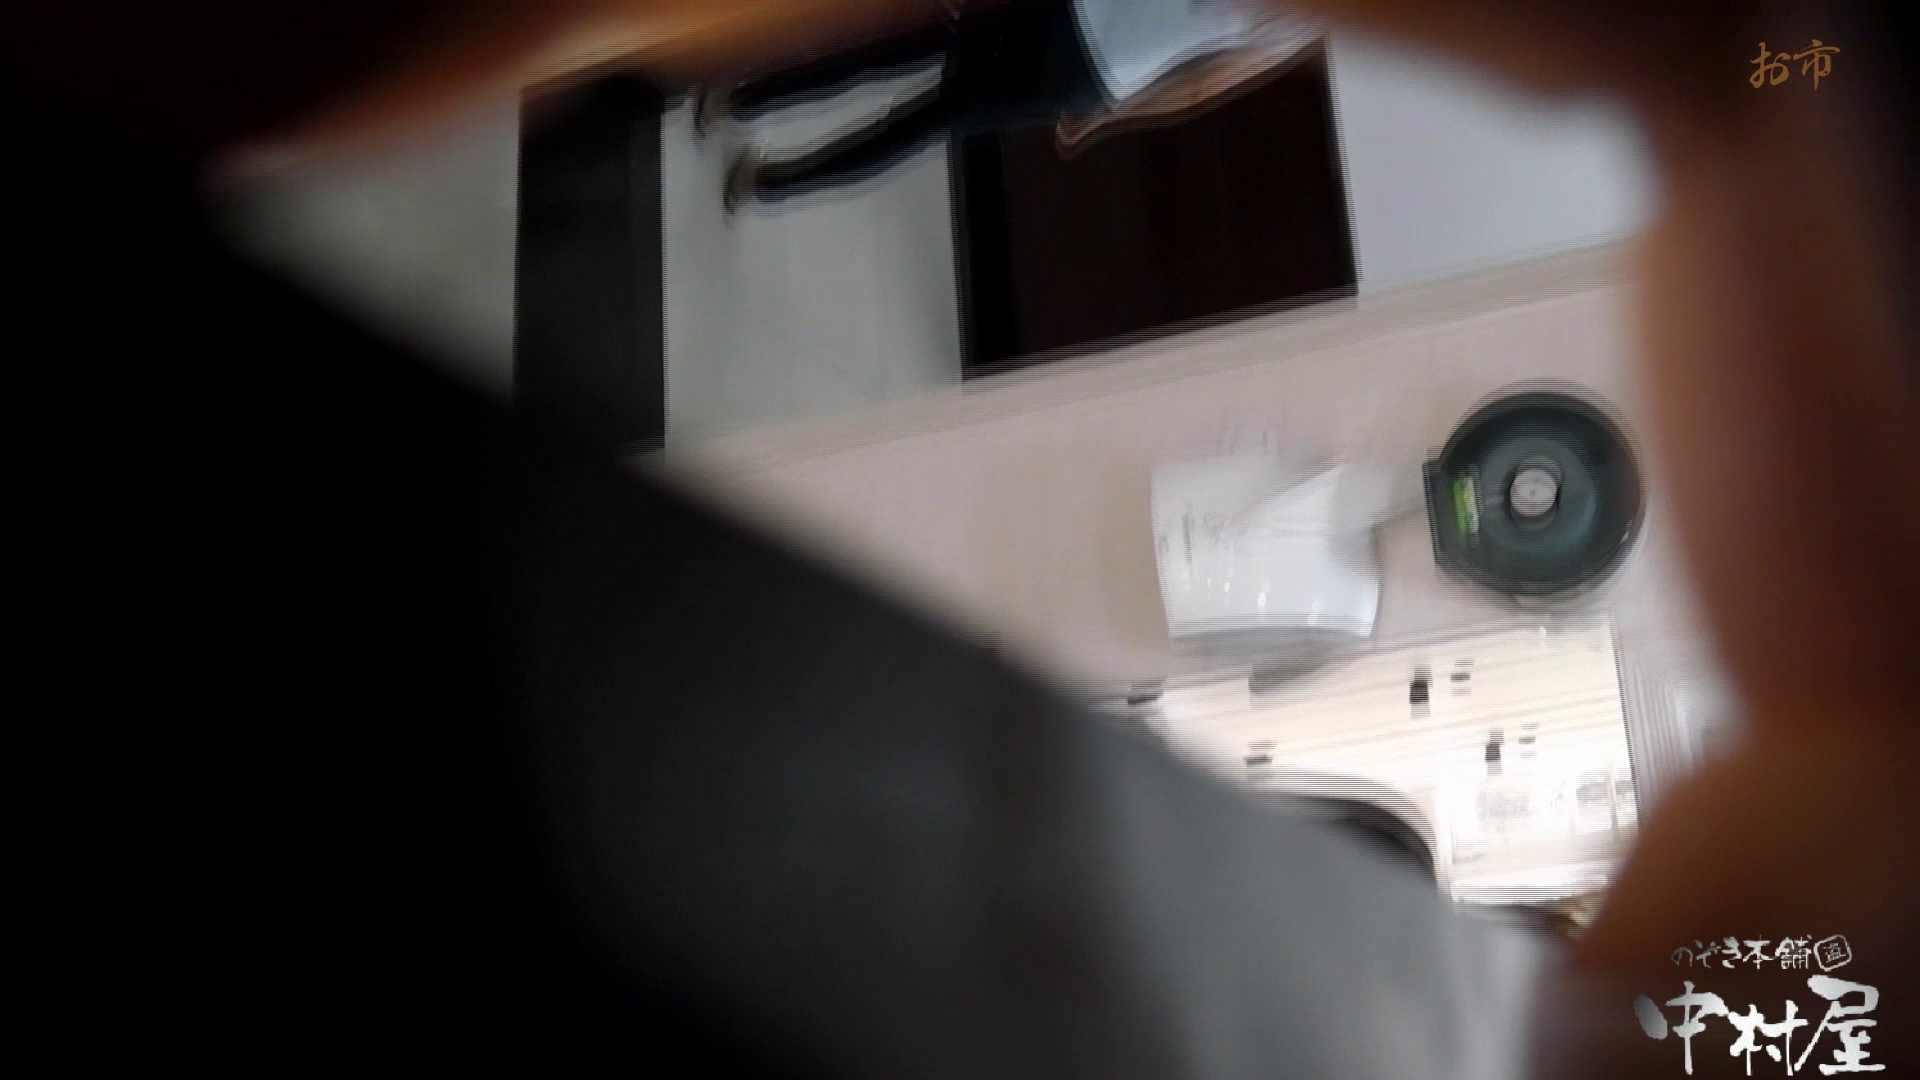 お市さんの「お尻丸出しジャンボリー」No.15 黒人ヌード おまんこ動画流出 107PIX 21